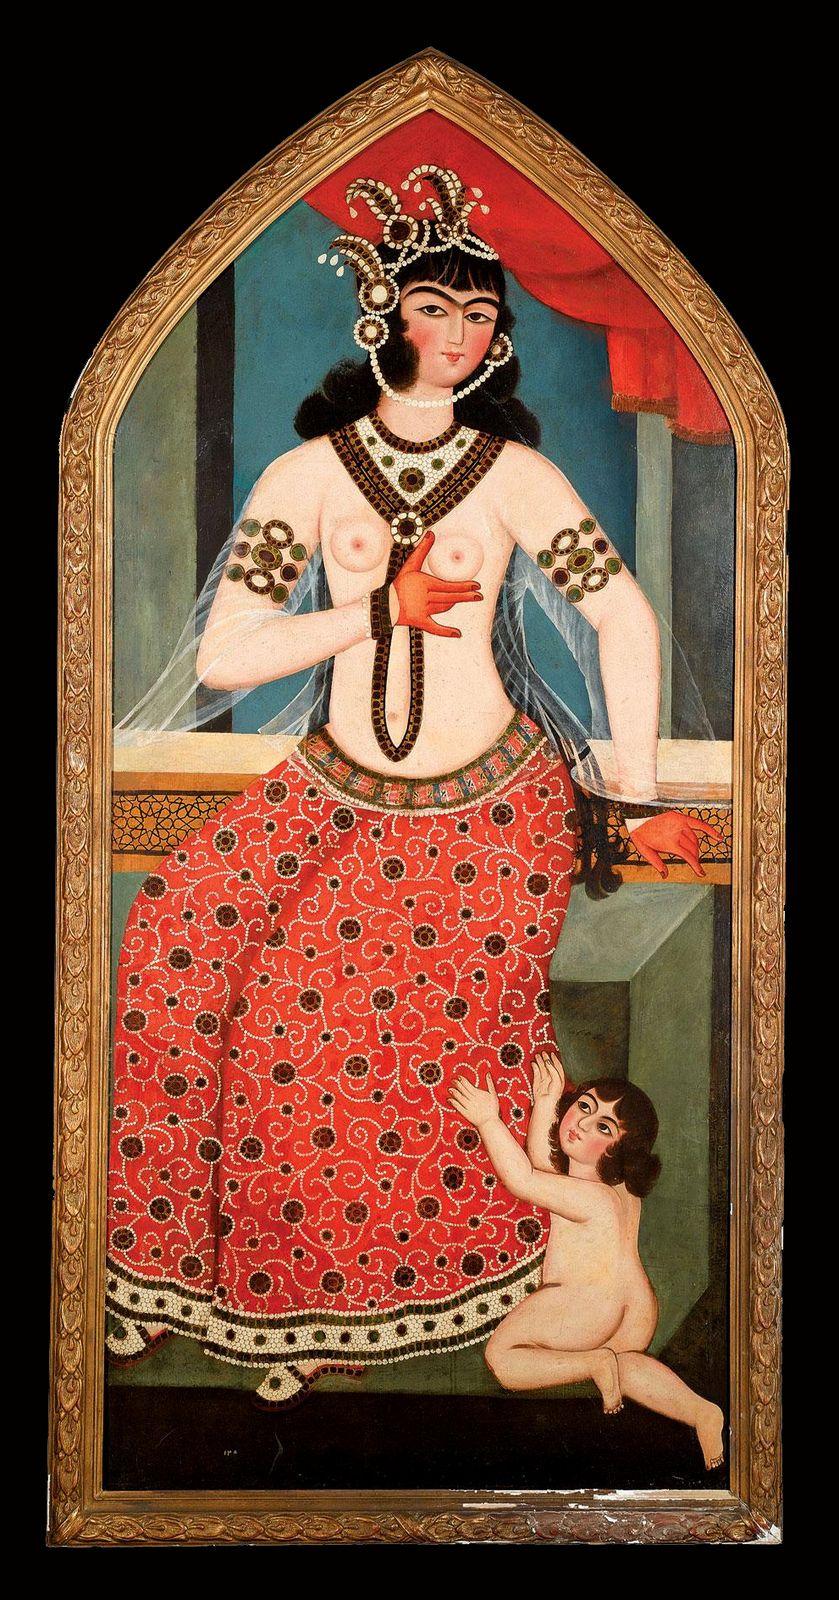 مادر و کودک، منسوب به محمد حسن، حدود 1810-1830 ترسایی، رنگ روغن روی بوم، 188.3 در 86.6 سانتیمتر A mother and child, attributable to Muhammad Hasan, Persia, Circa 1810-1830, oil on canvas 188.3 by 86.6cm.